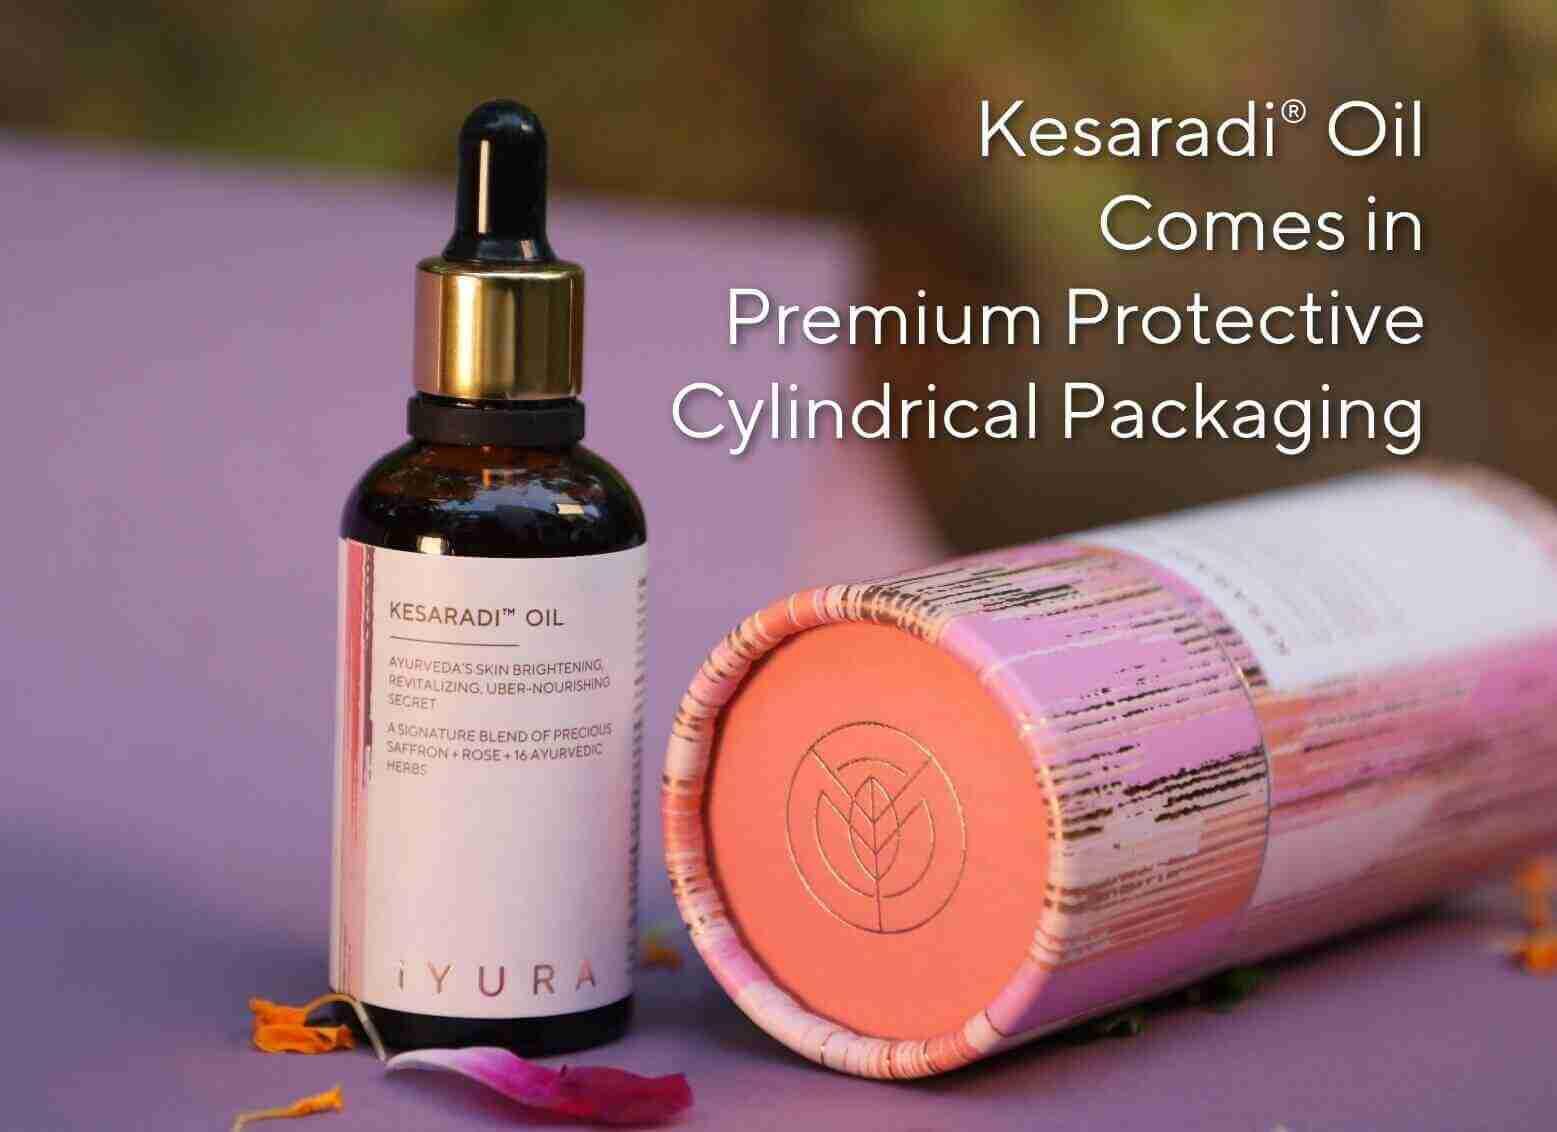 Ayurveda's Most Potent Morning Skin Serum